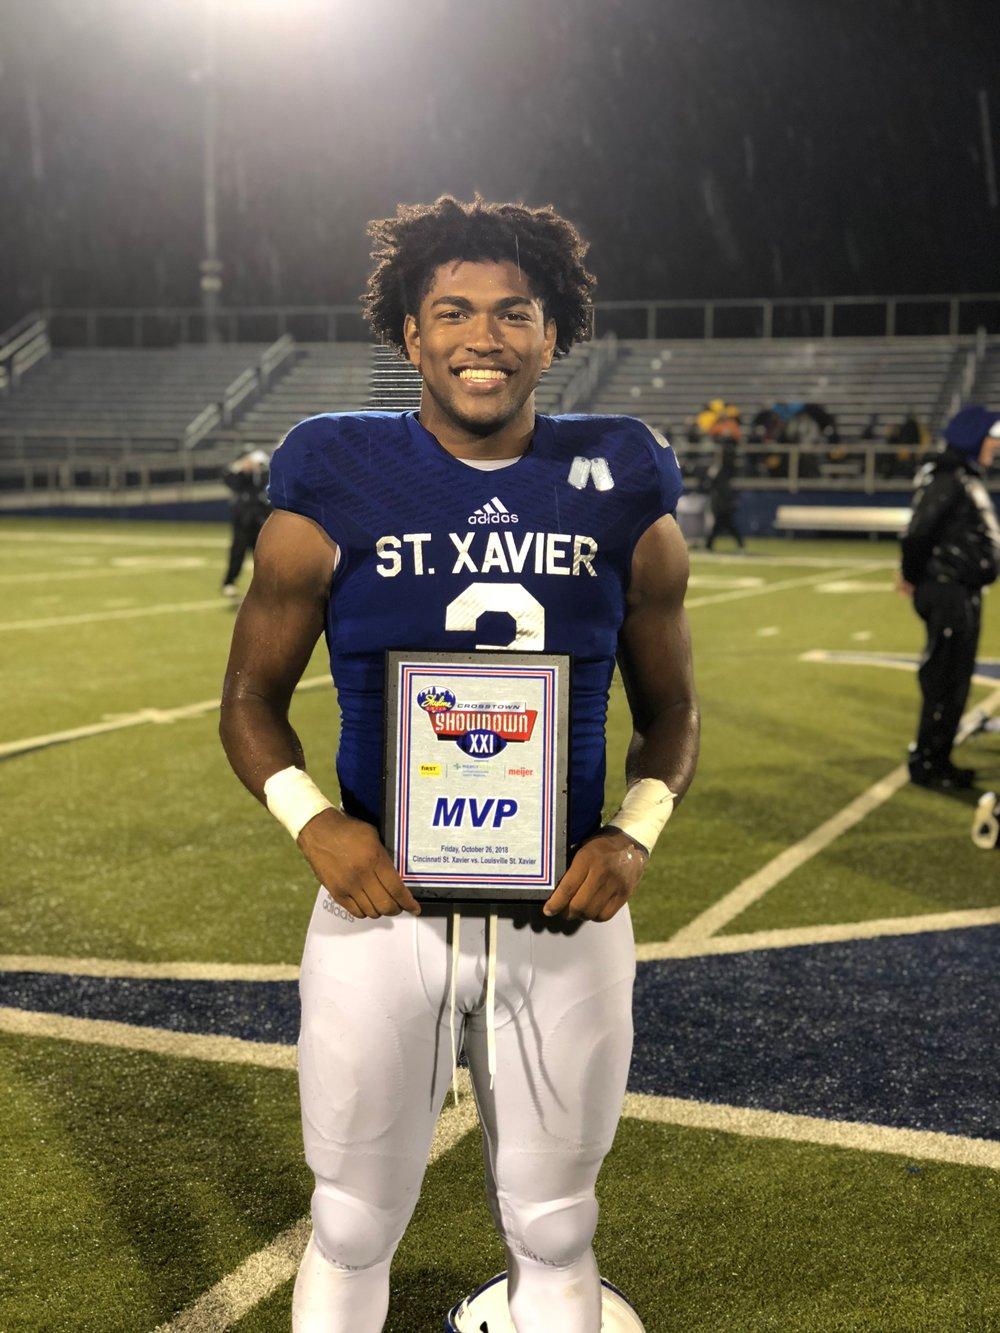 St. Xavier MVP: Chris Payne